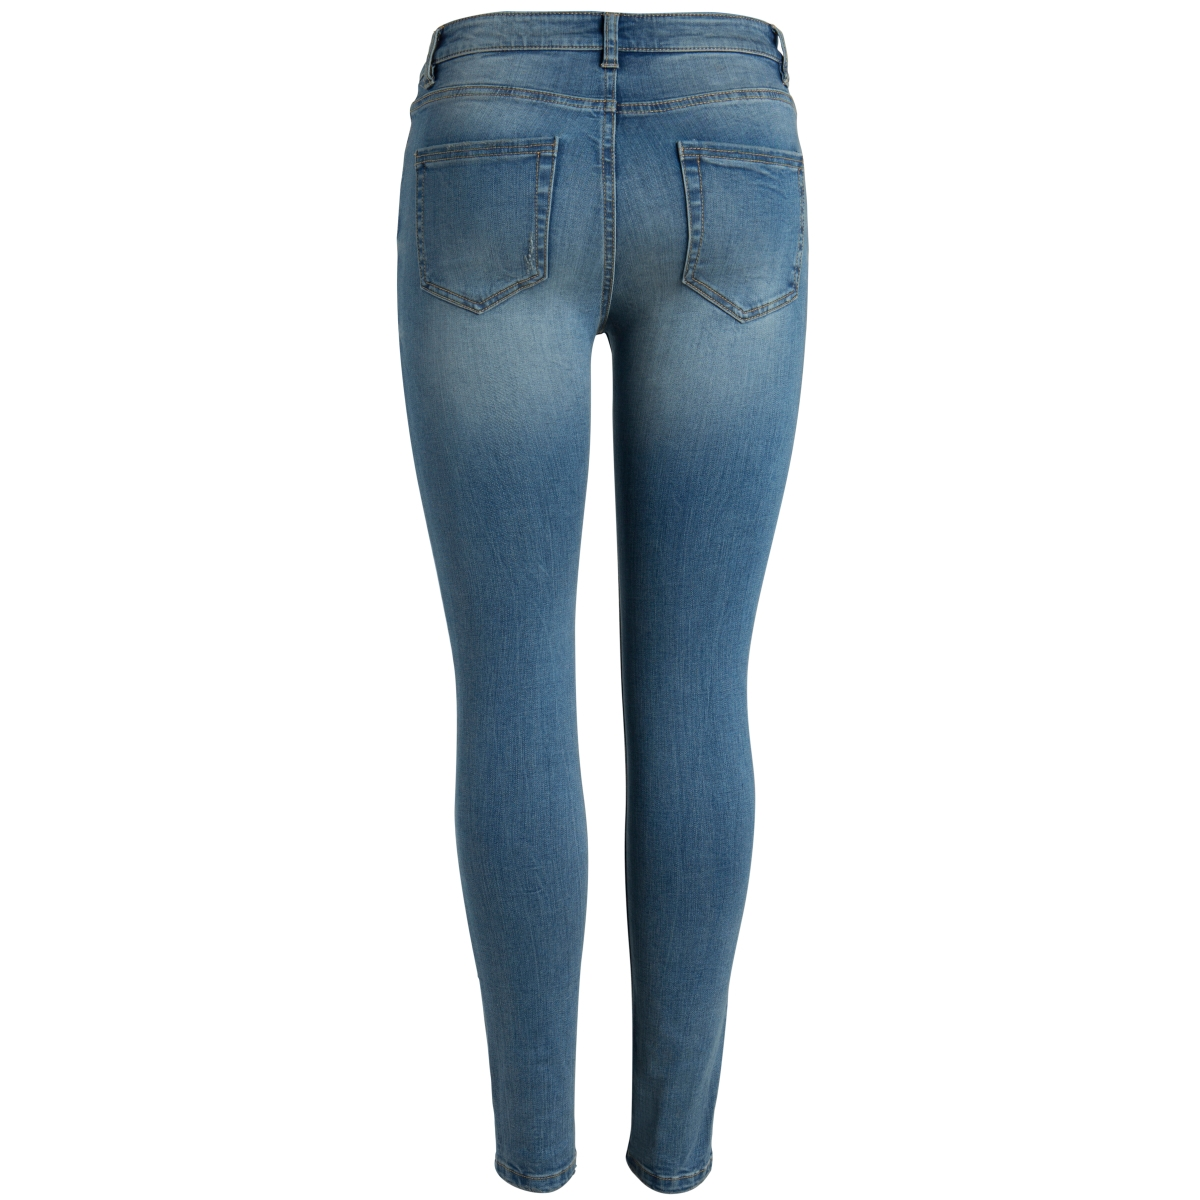 pcfive delly 3.0 f115 mw skn jns lb 17082887 pieces jeans light blue denim